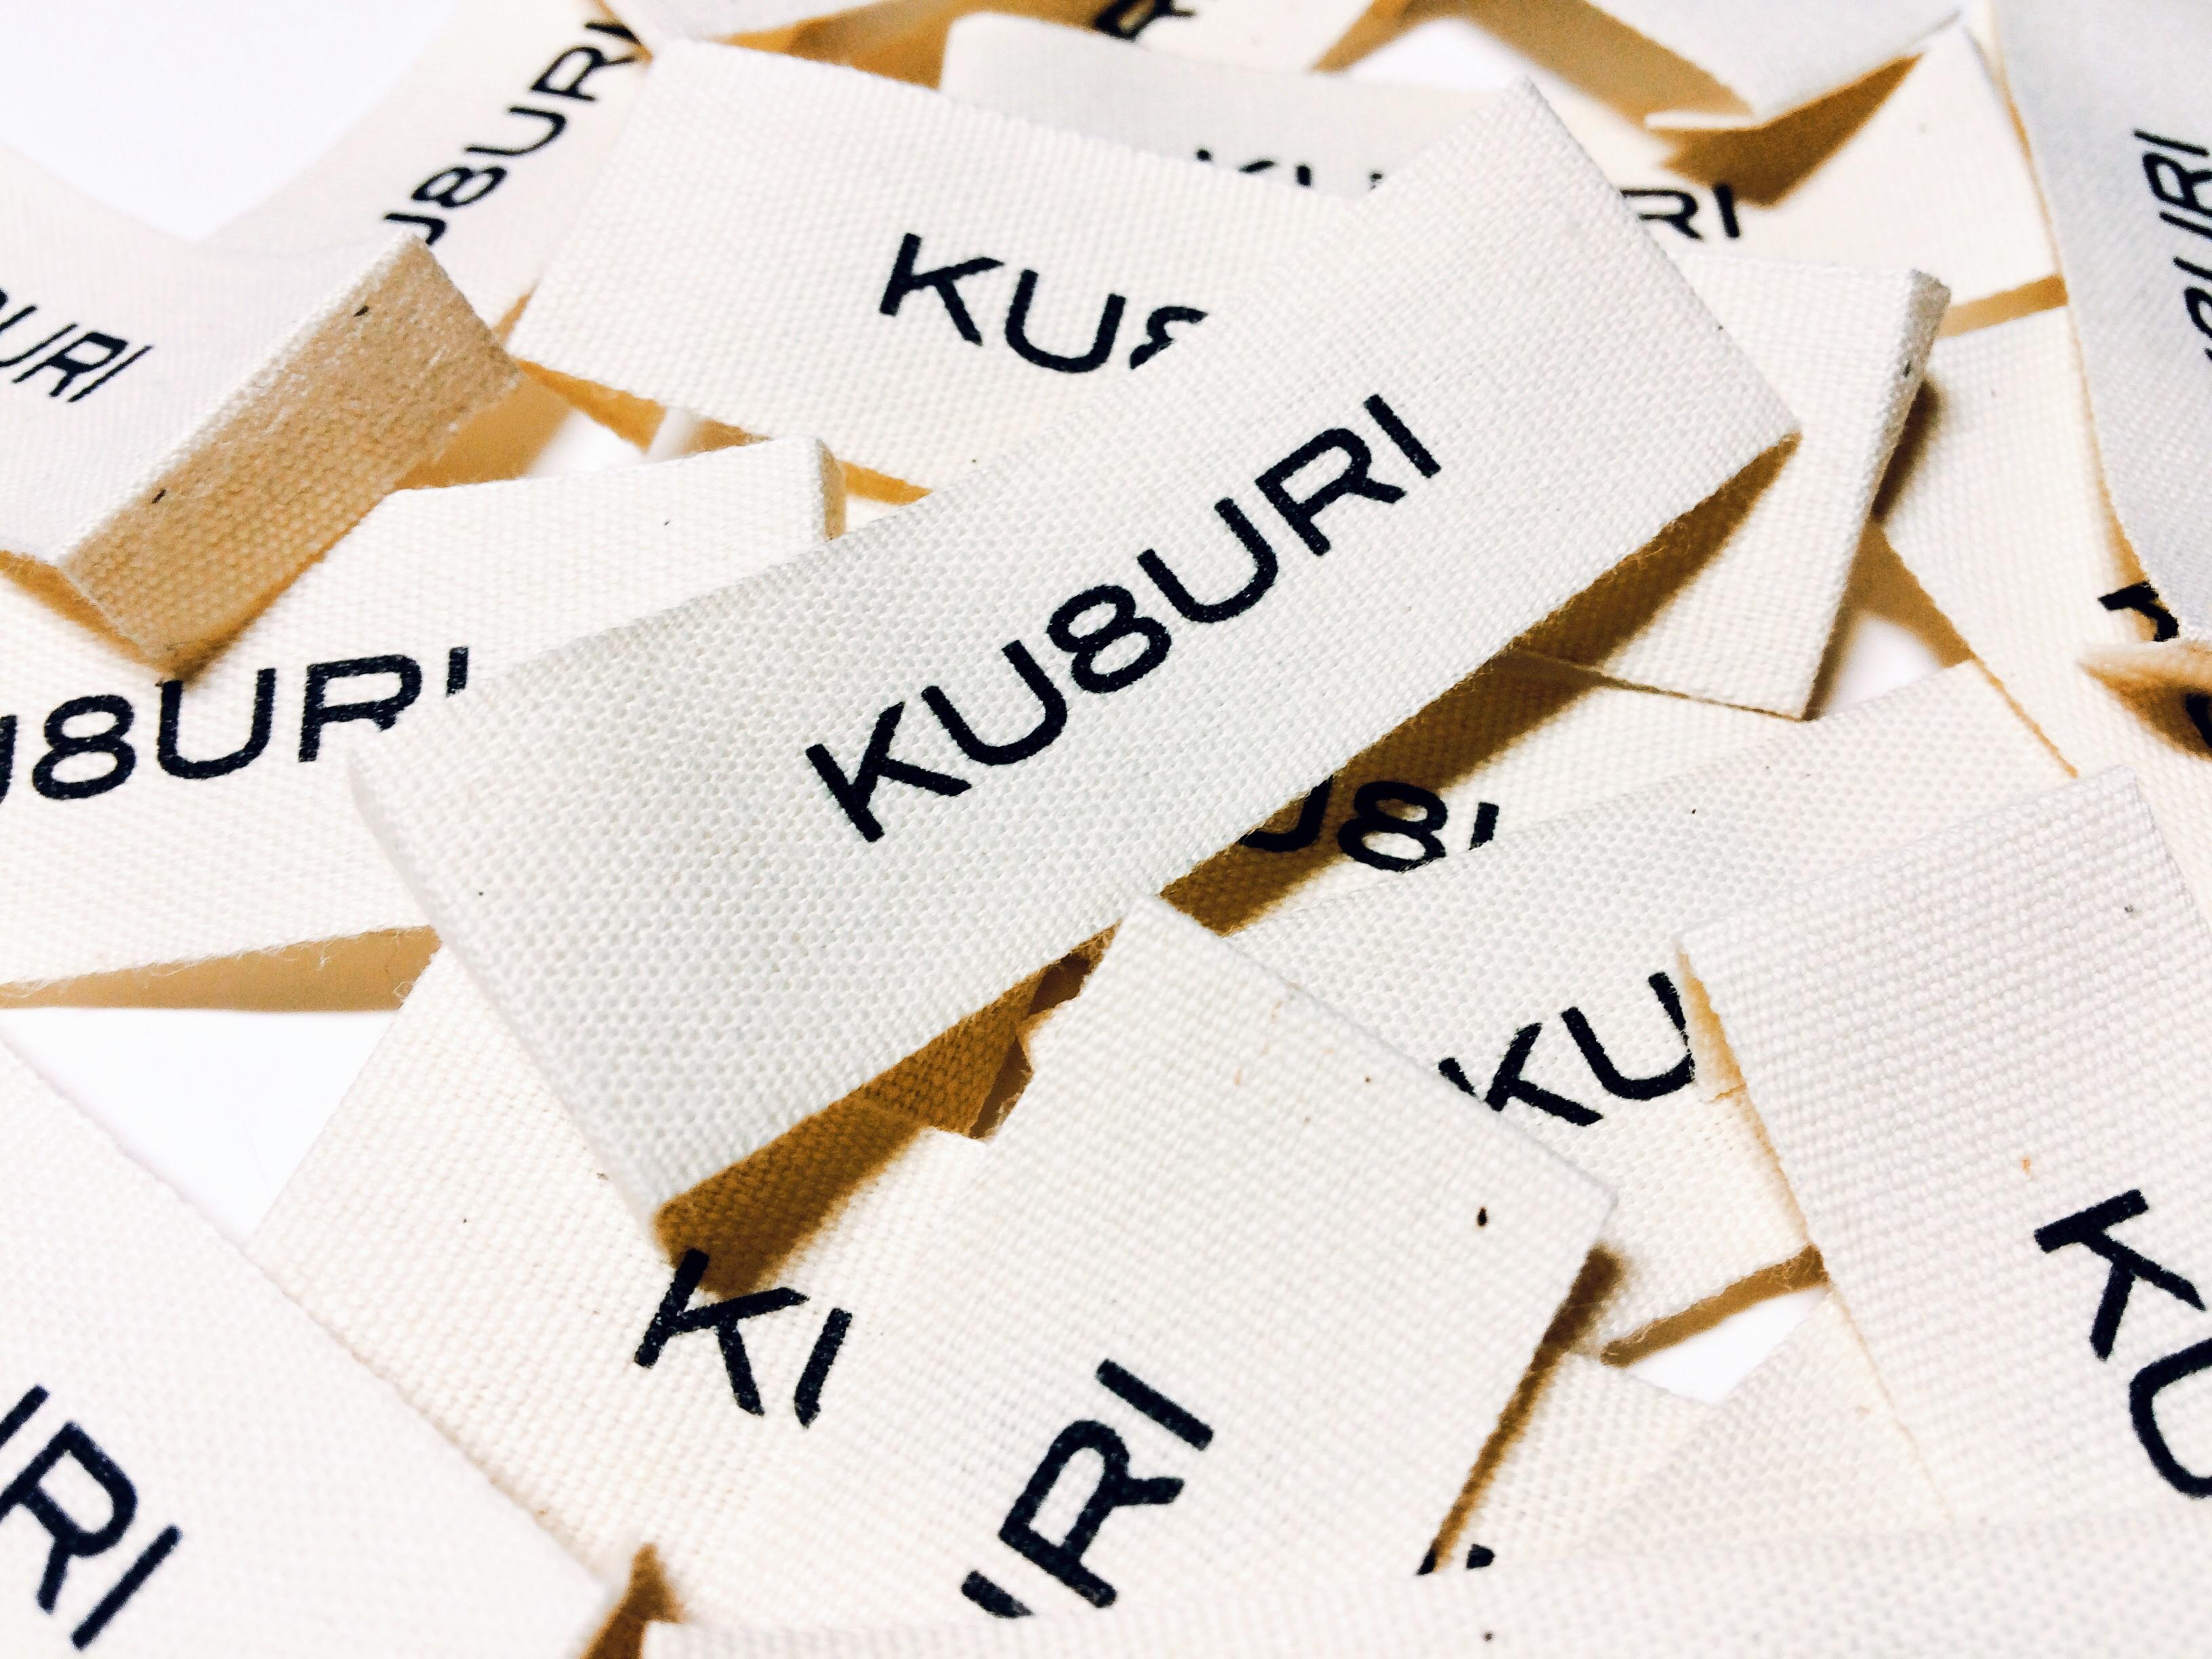 KU8URI debut!!